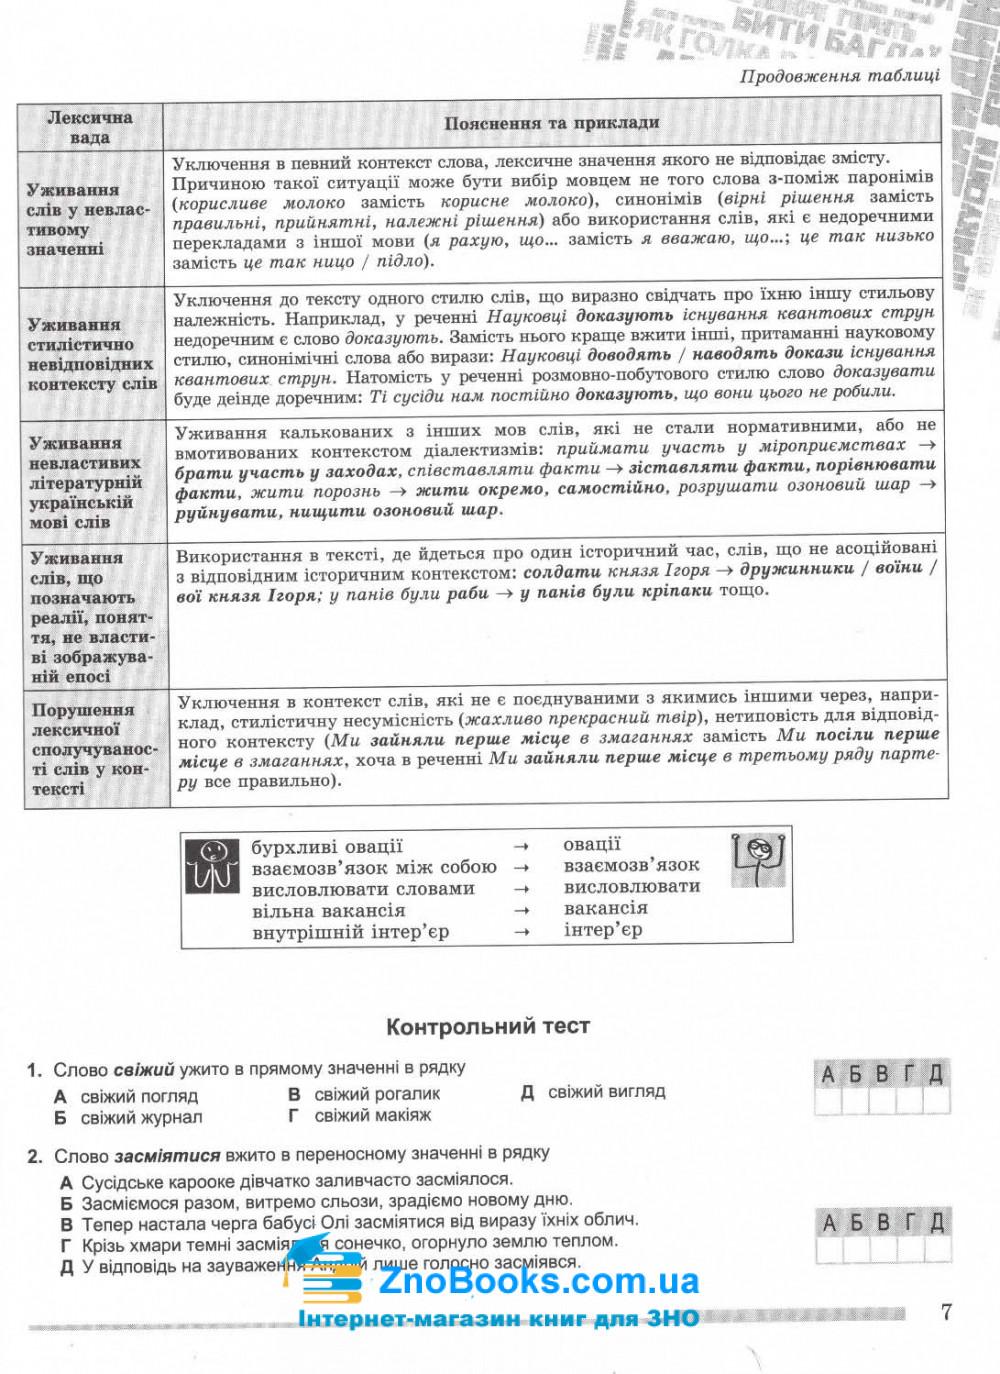 Українська мова ЗНО 2022. Комплексна підготовка : Терещенко В. та ін. Генеза. купити 7